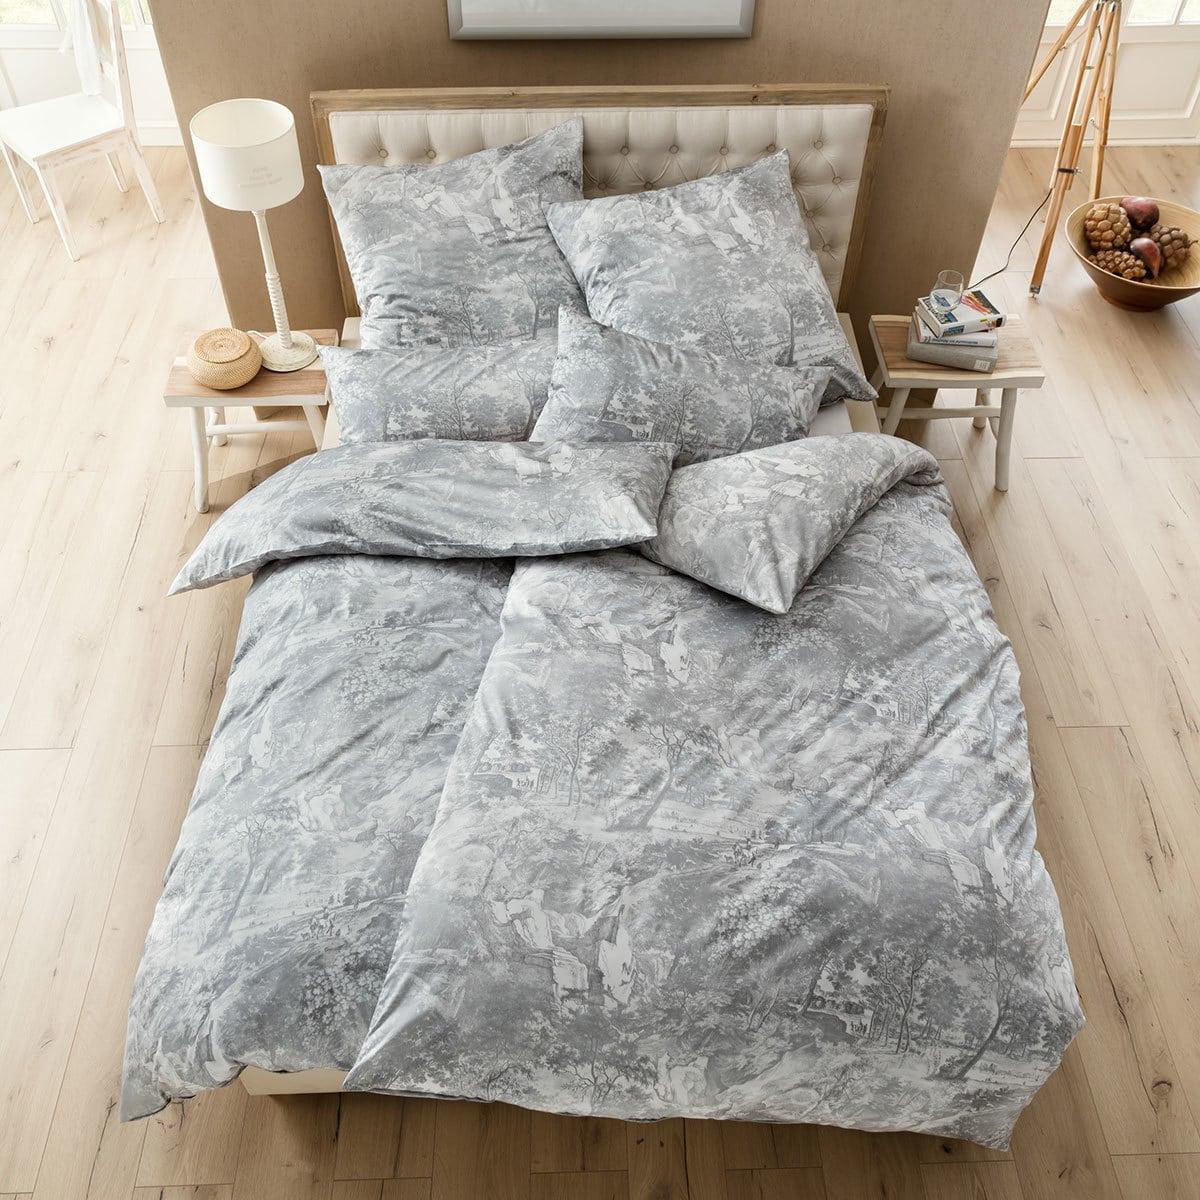 estella schweizer premium satin bettw sche marie platin. Black Bedroom Furniture Sets. Home Design Ideas